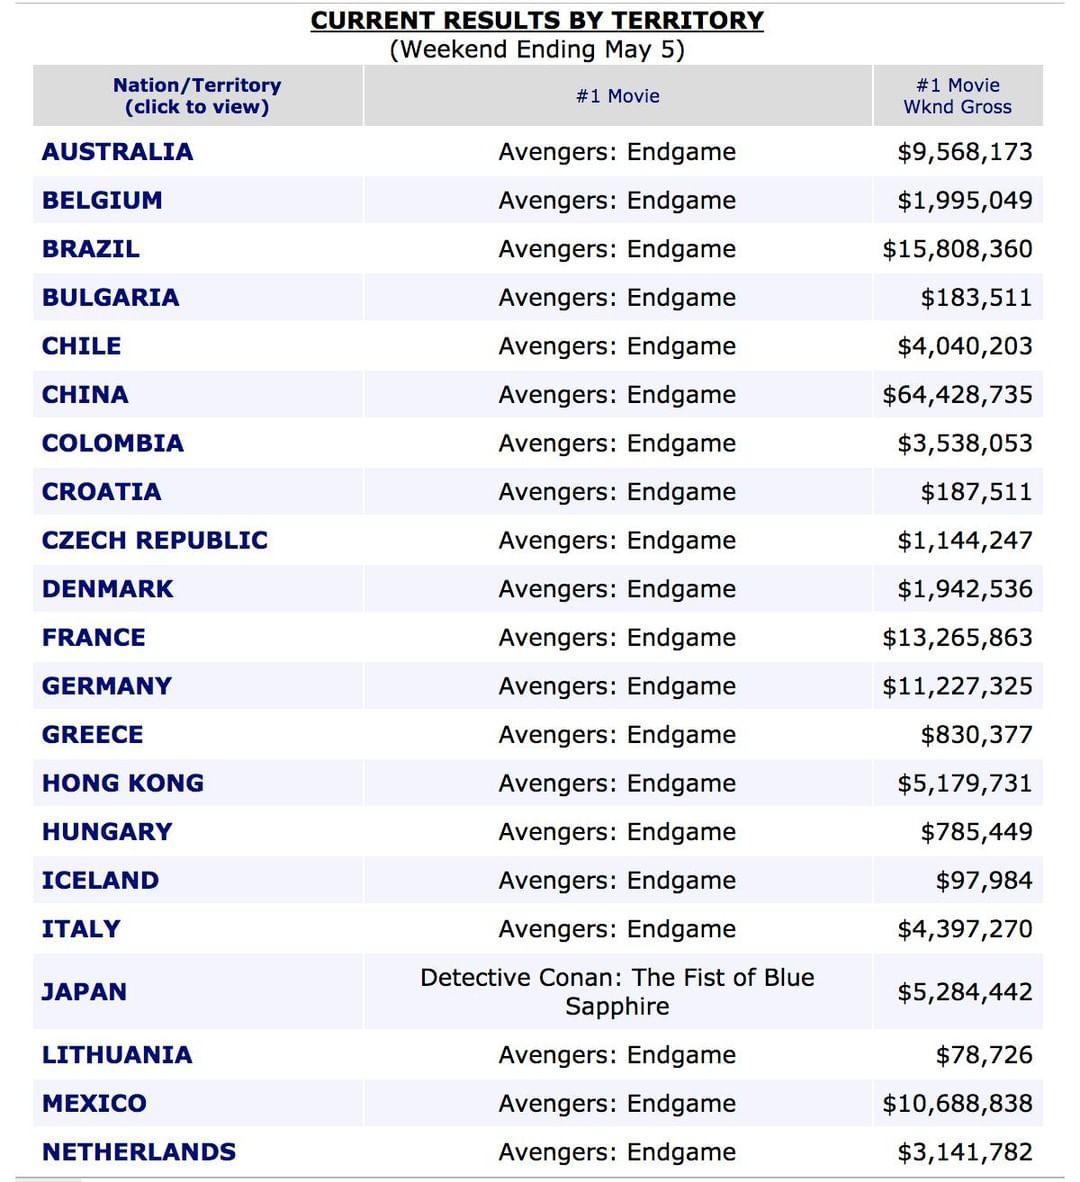 英雄犧牲都沒用!《復4》橫掃全球票房卻「在一個國家輸慘」 網傻眼:已連敗2次